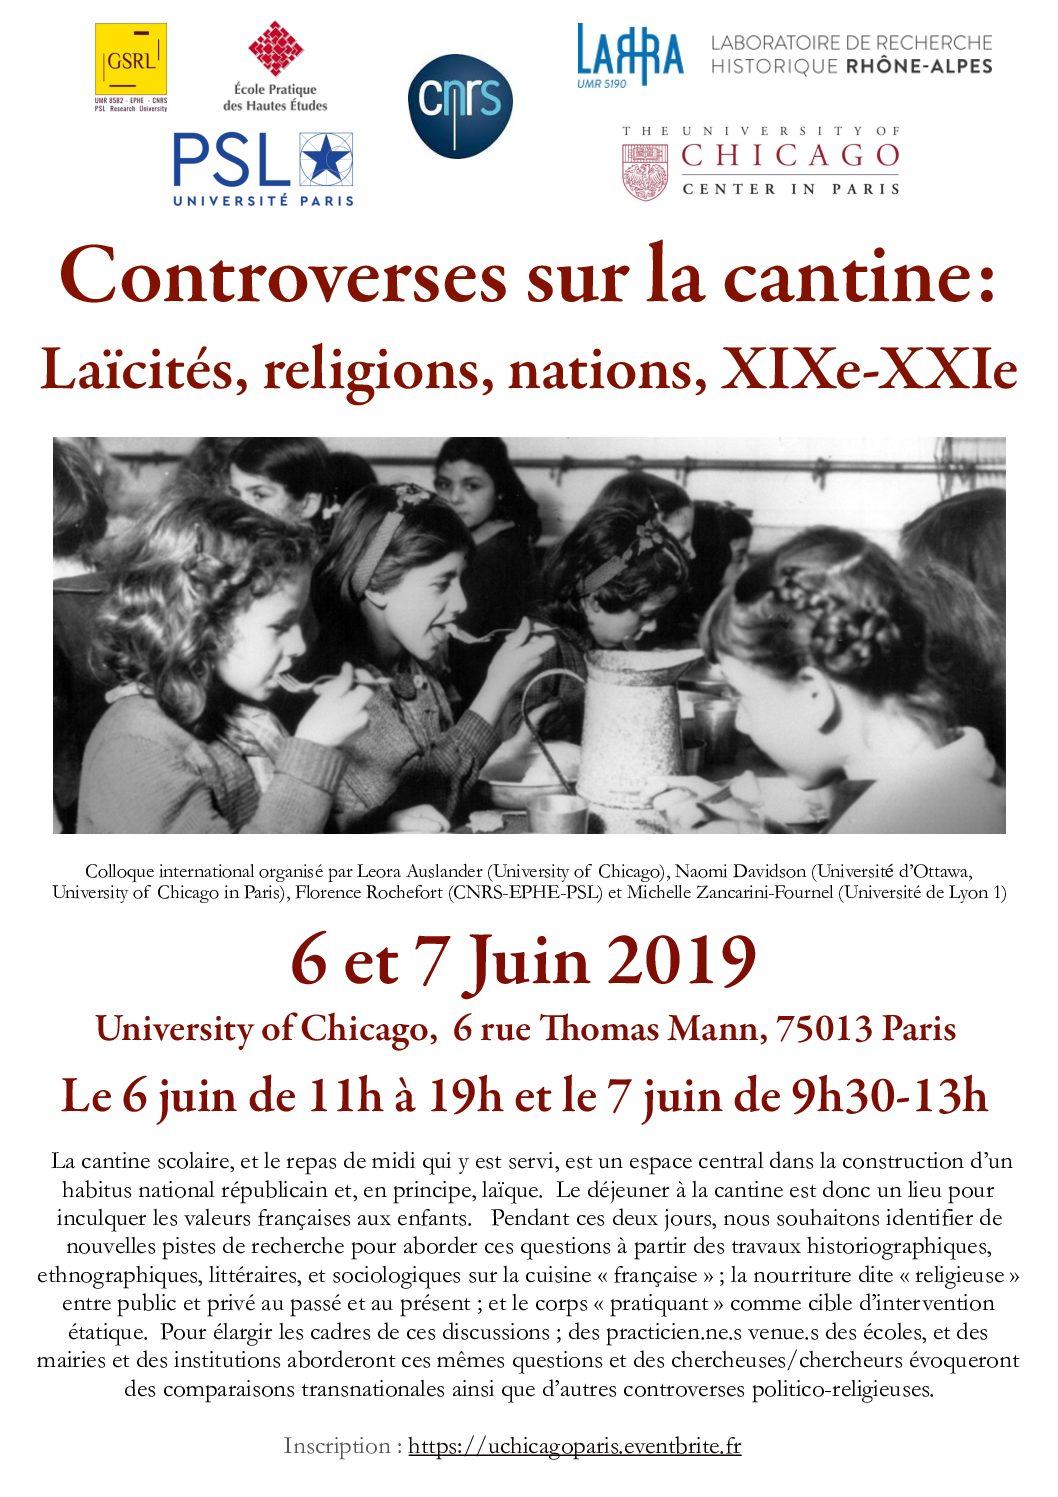 """6 et 7 juin 2019 – Colloque : """"Controverses sur la cantine : Laïcités, religions, nations, XIXe-XXIe"""""""